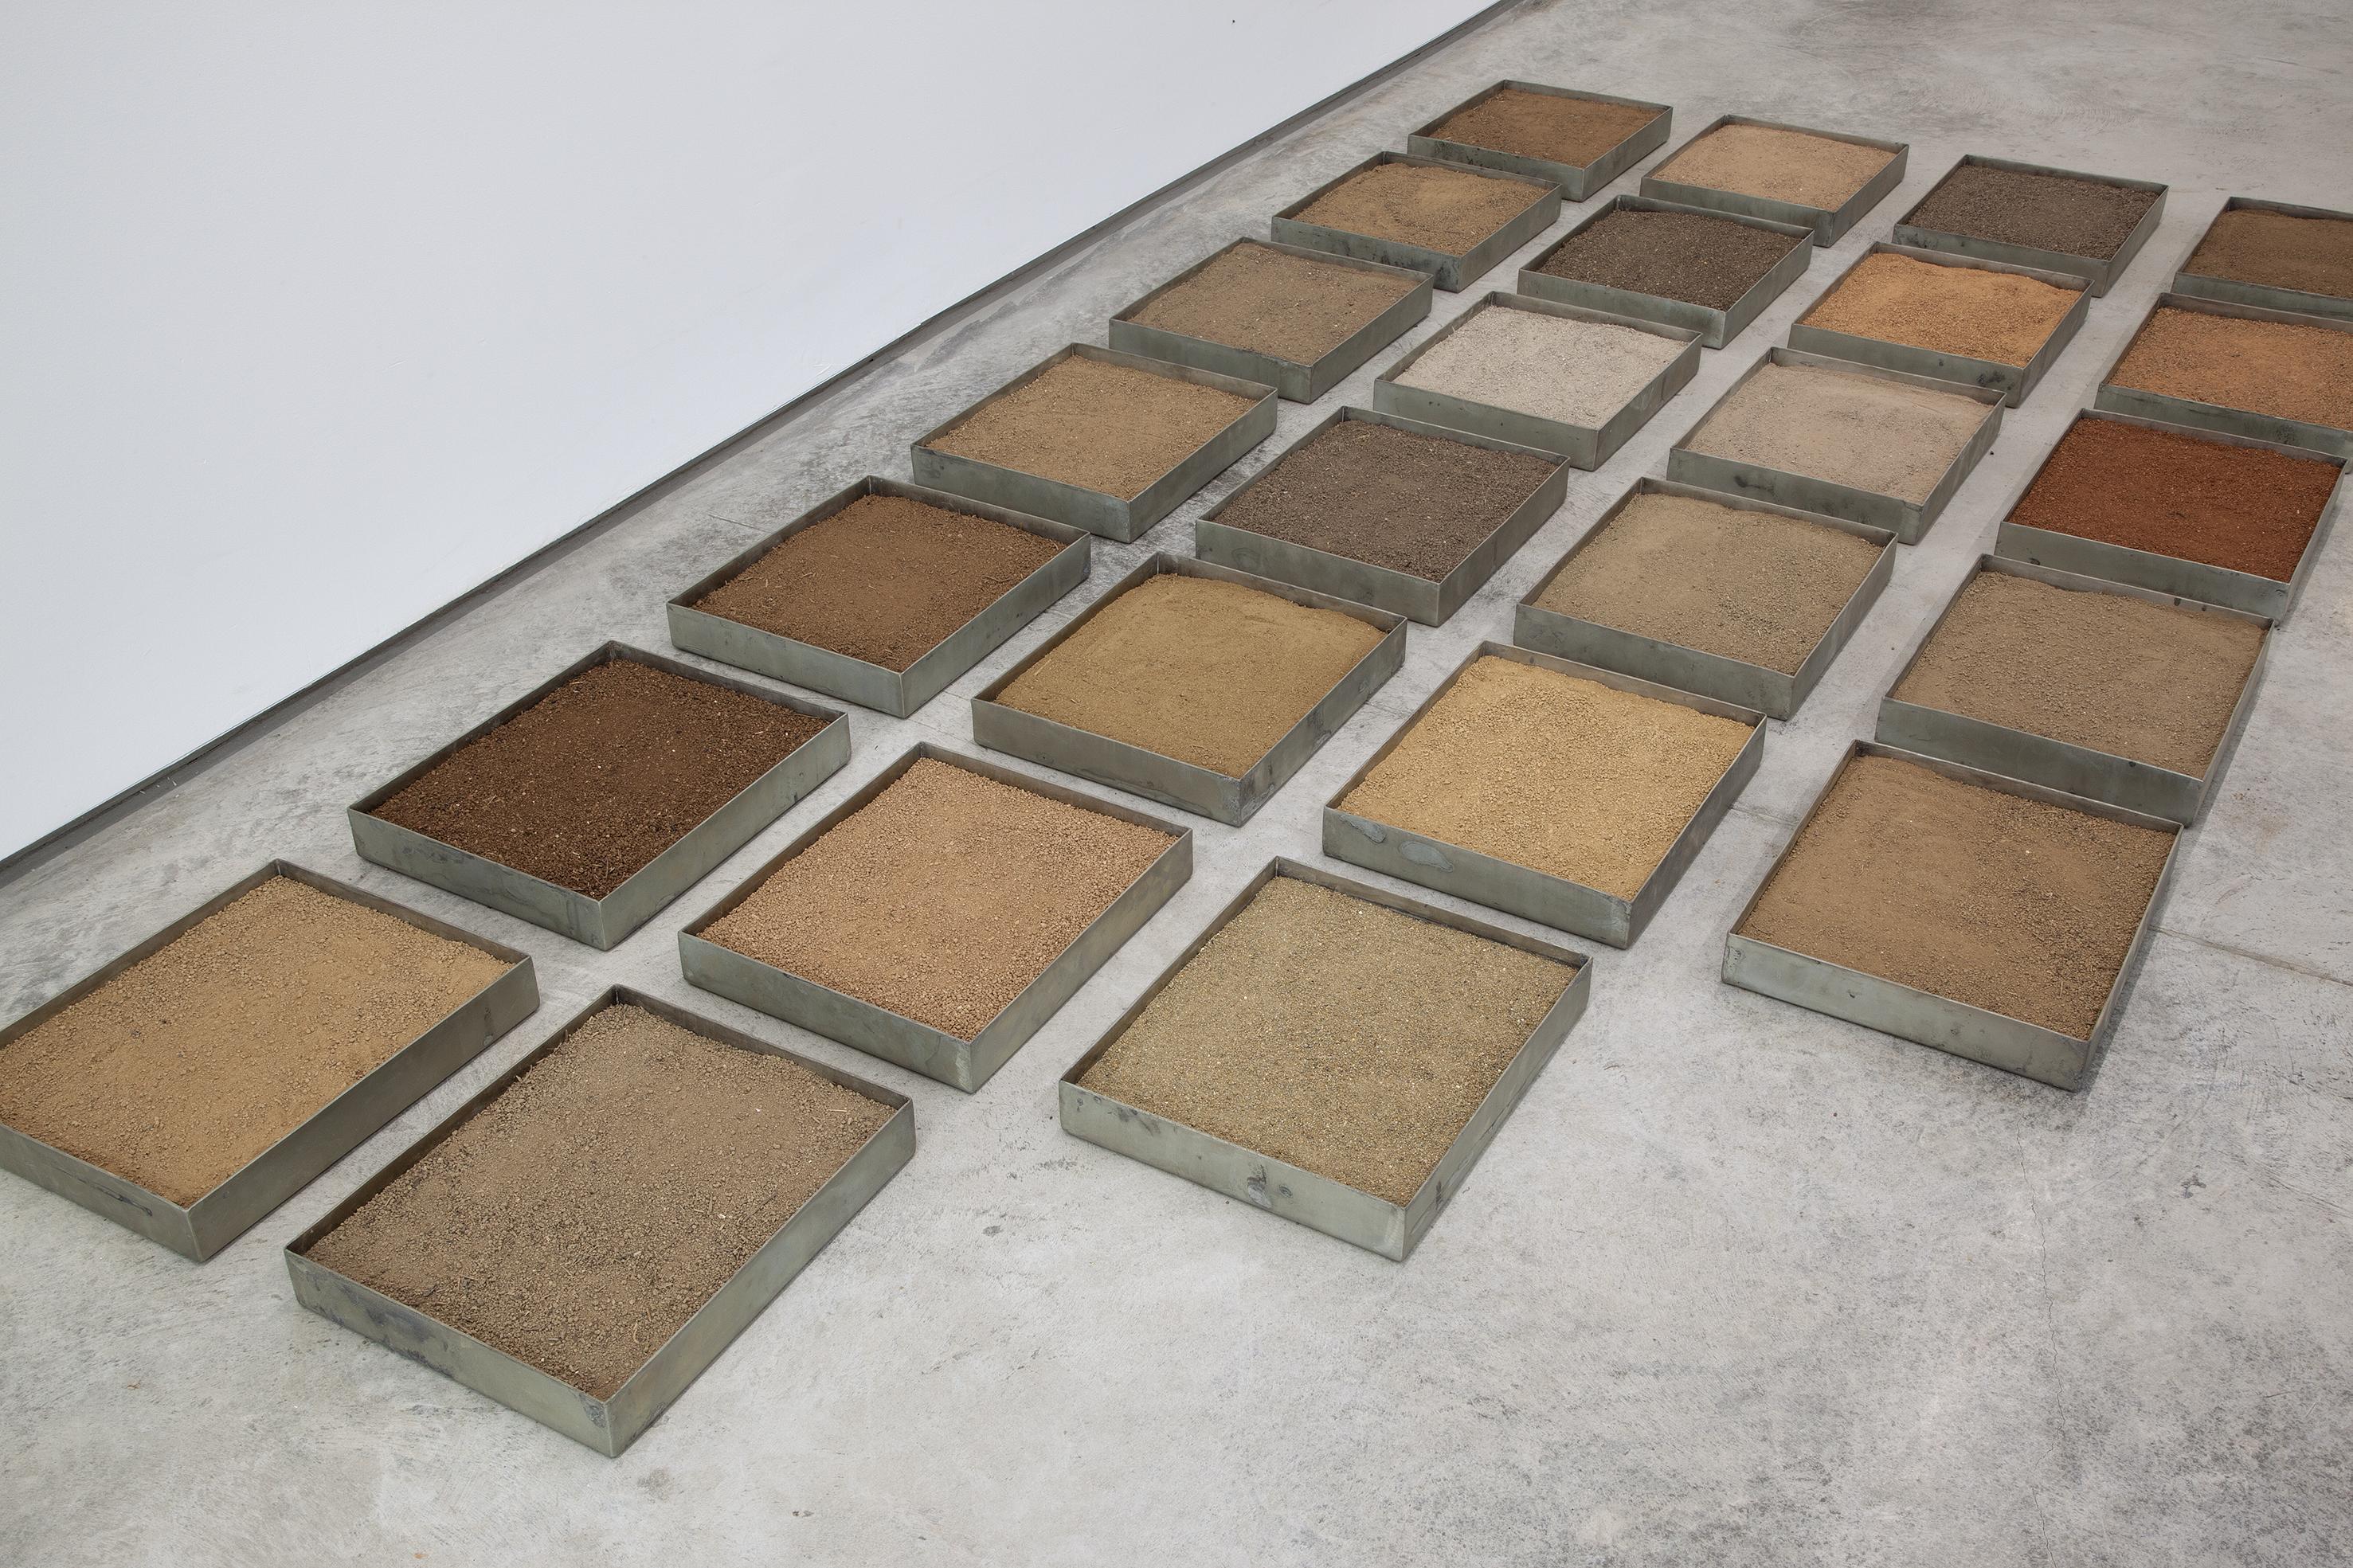 Veinticinco cajas de tierra colectivizada, 2019